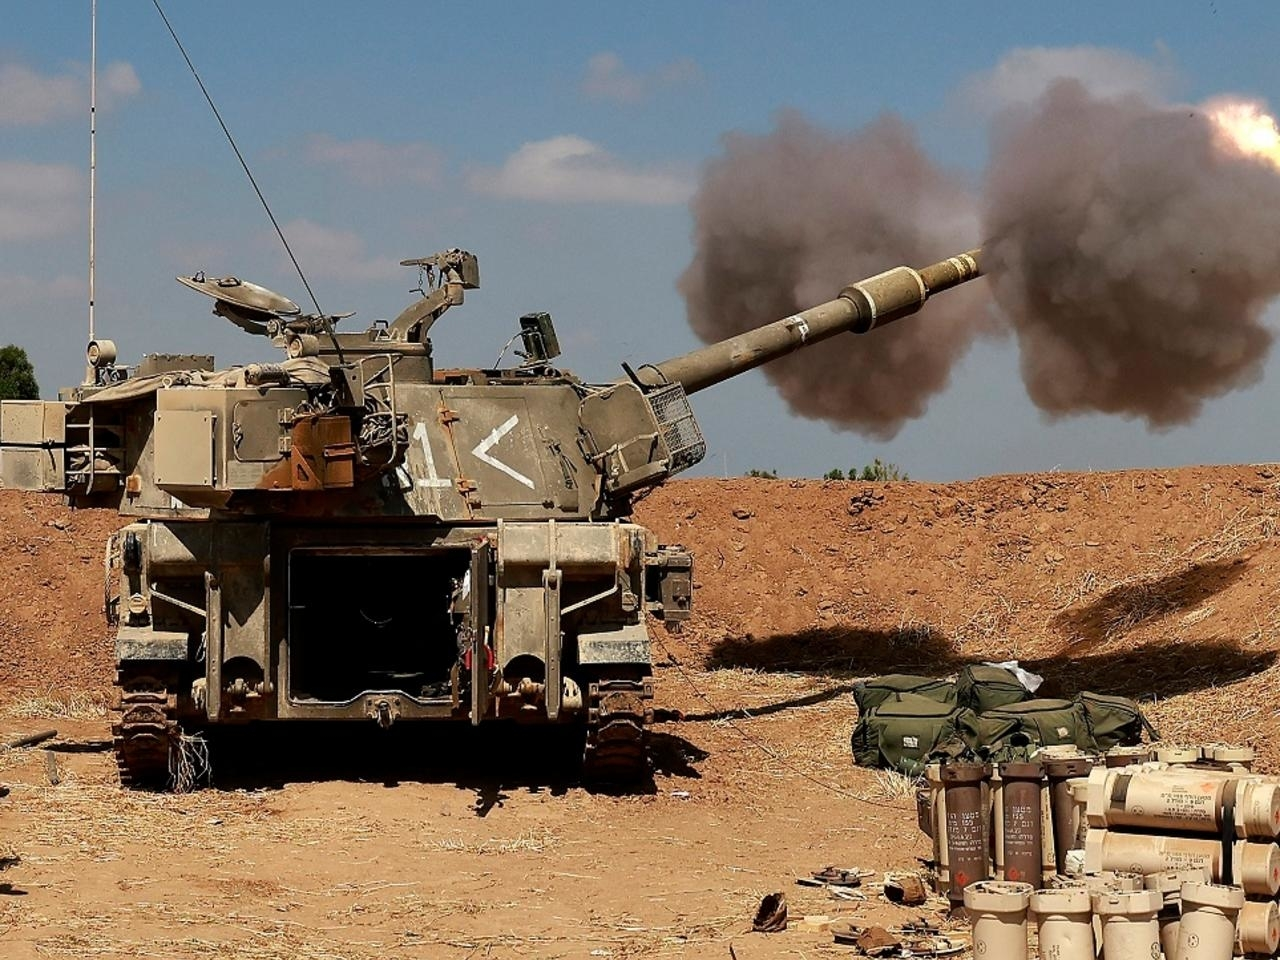 回应火箭弹袭击 以色列国防军向黎巴嫩境内开炮